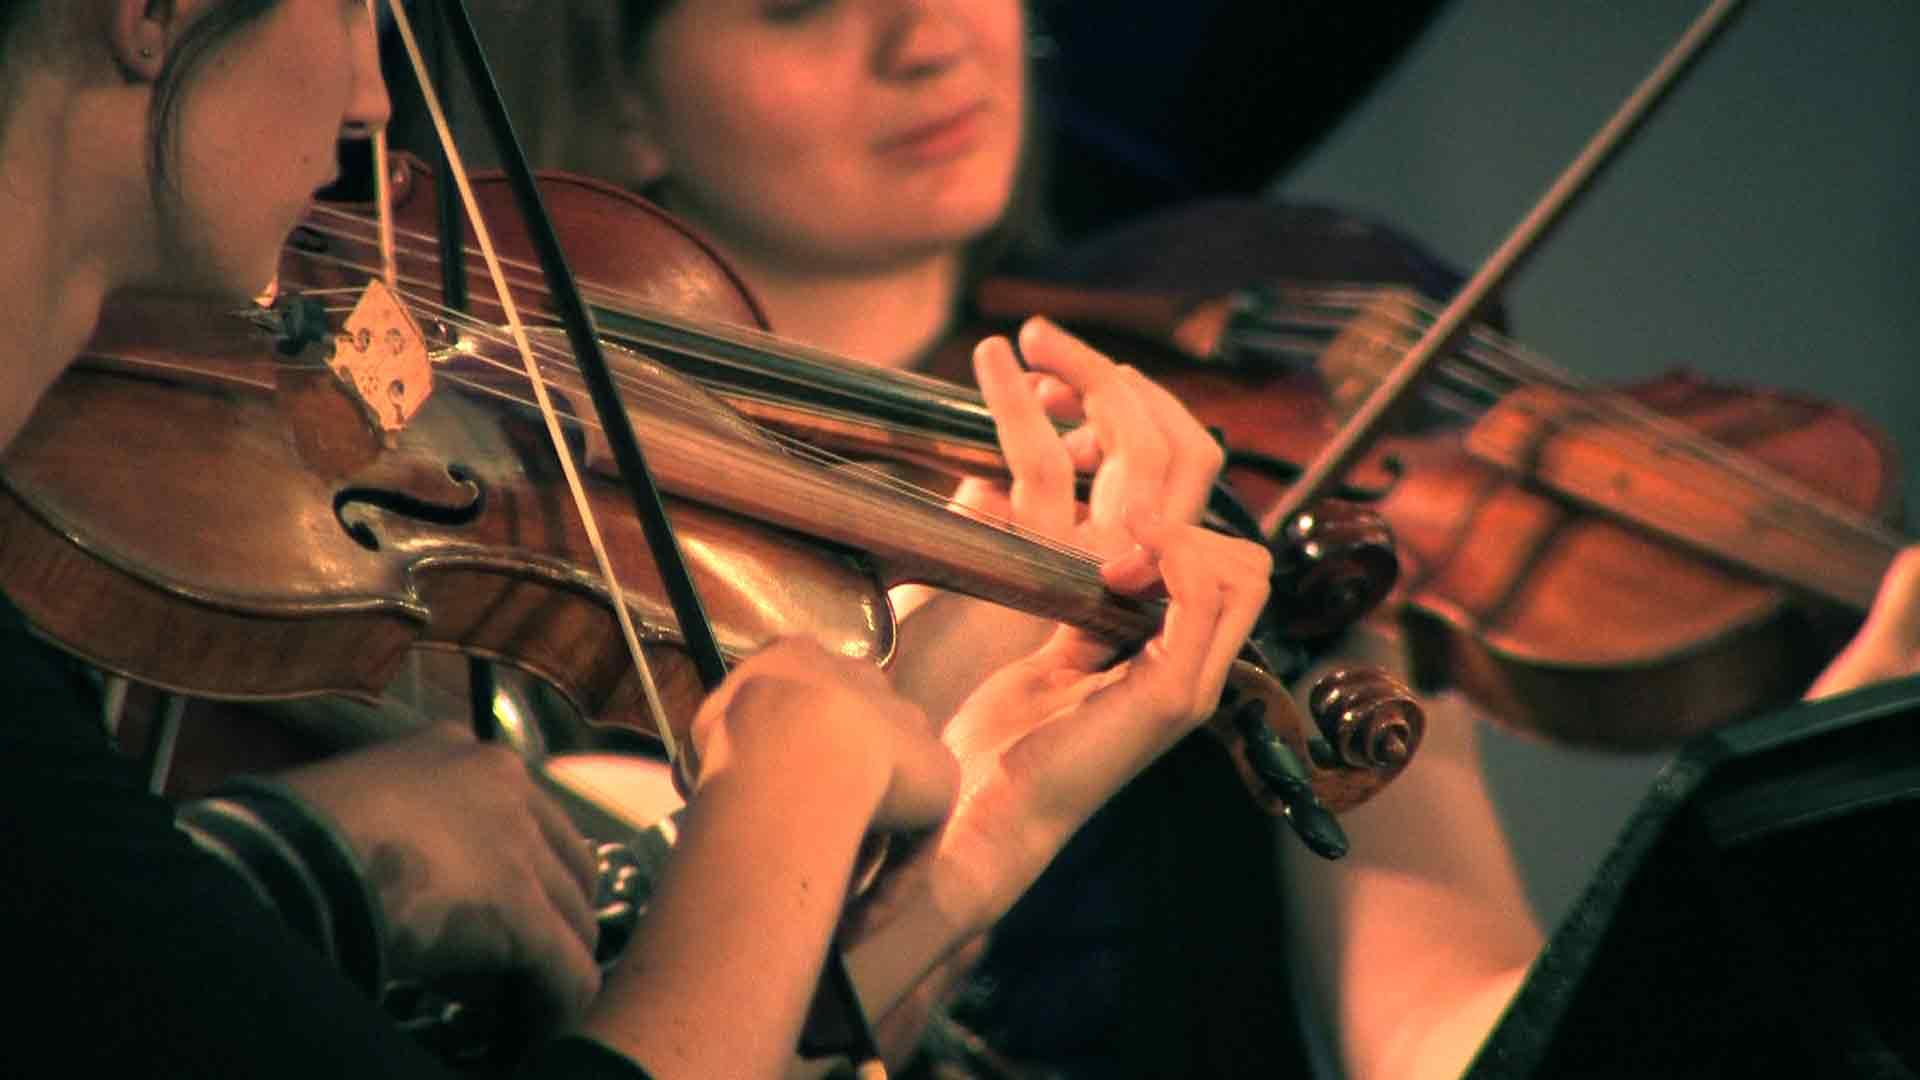 Concert imaging